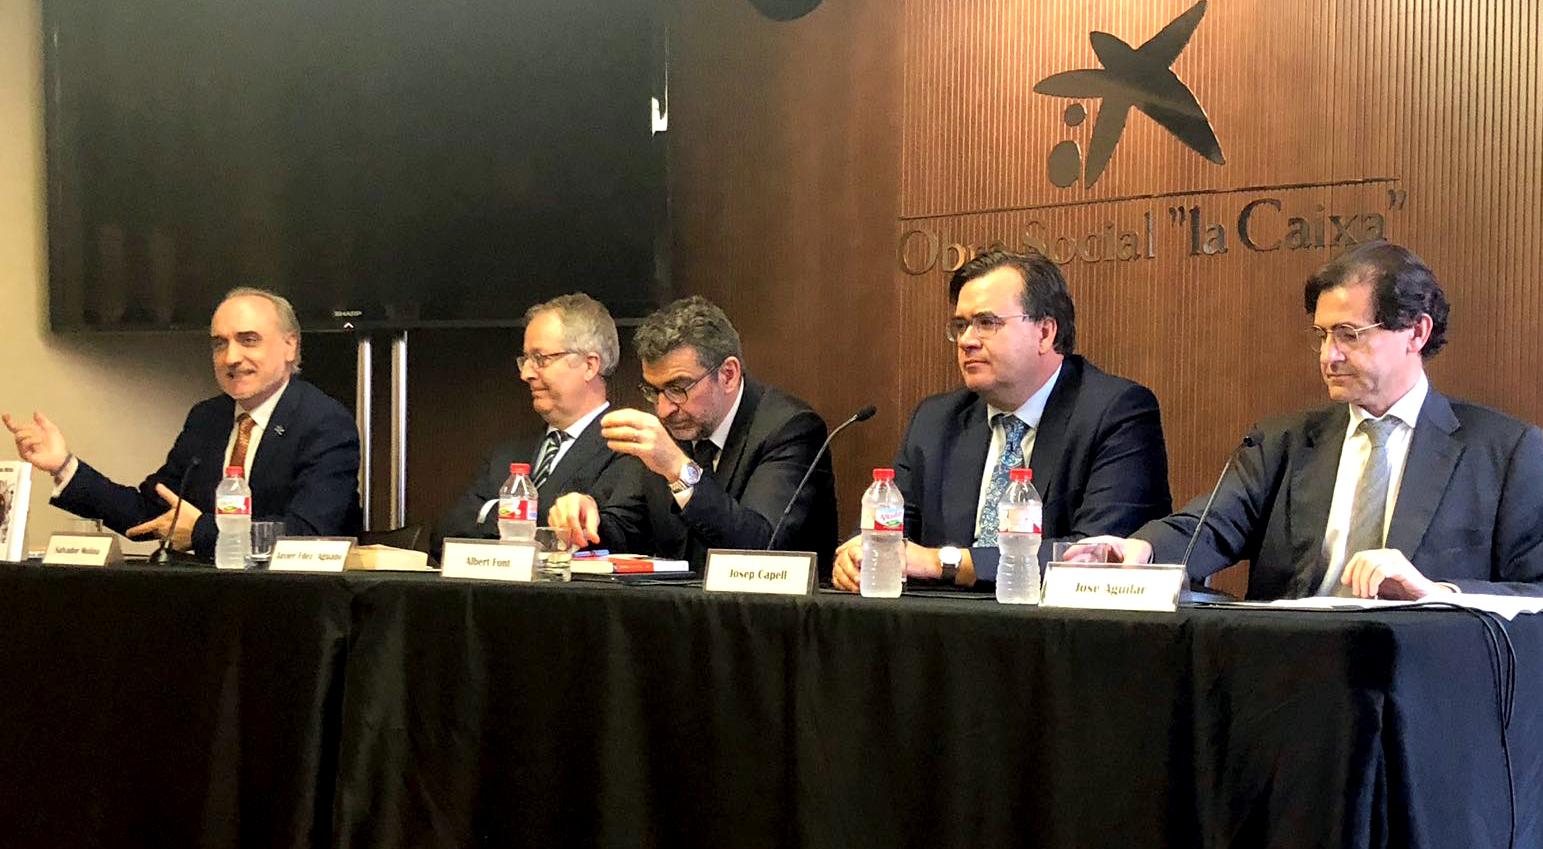 De izquierda a derecha: Salvador Molina, Javier Fernández Aguado, Albert Font, Josep Capell y José Aguilar.